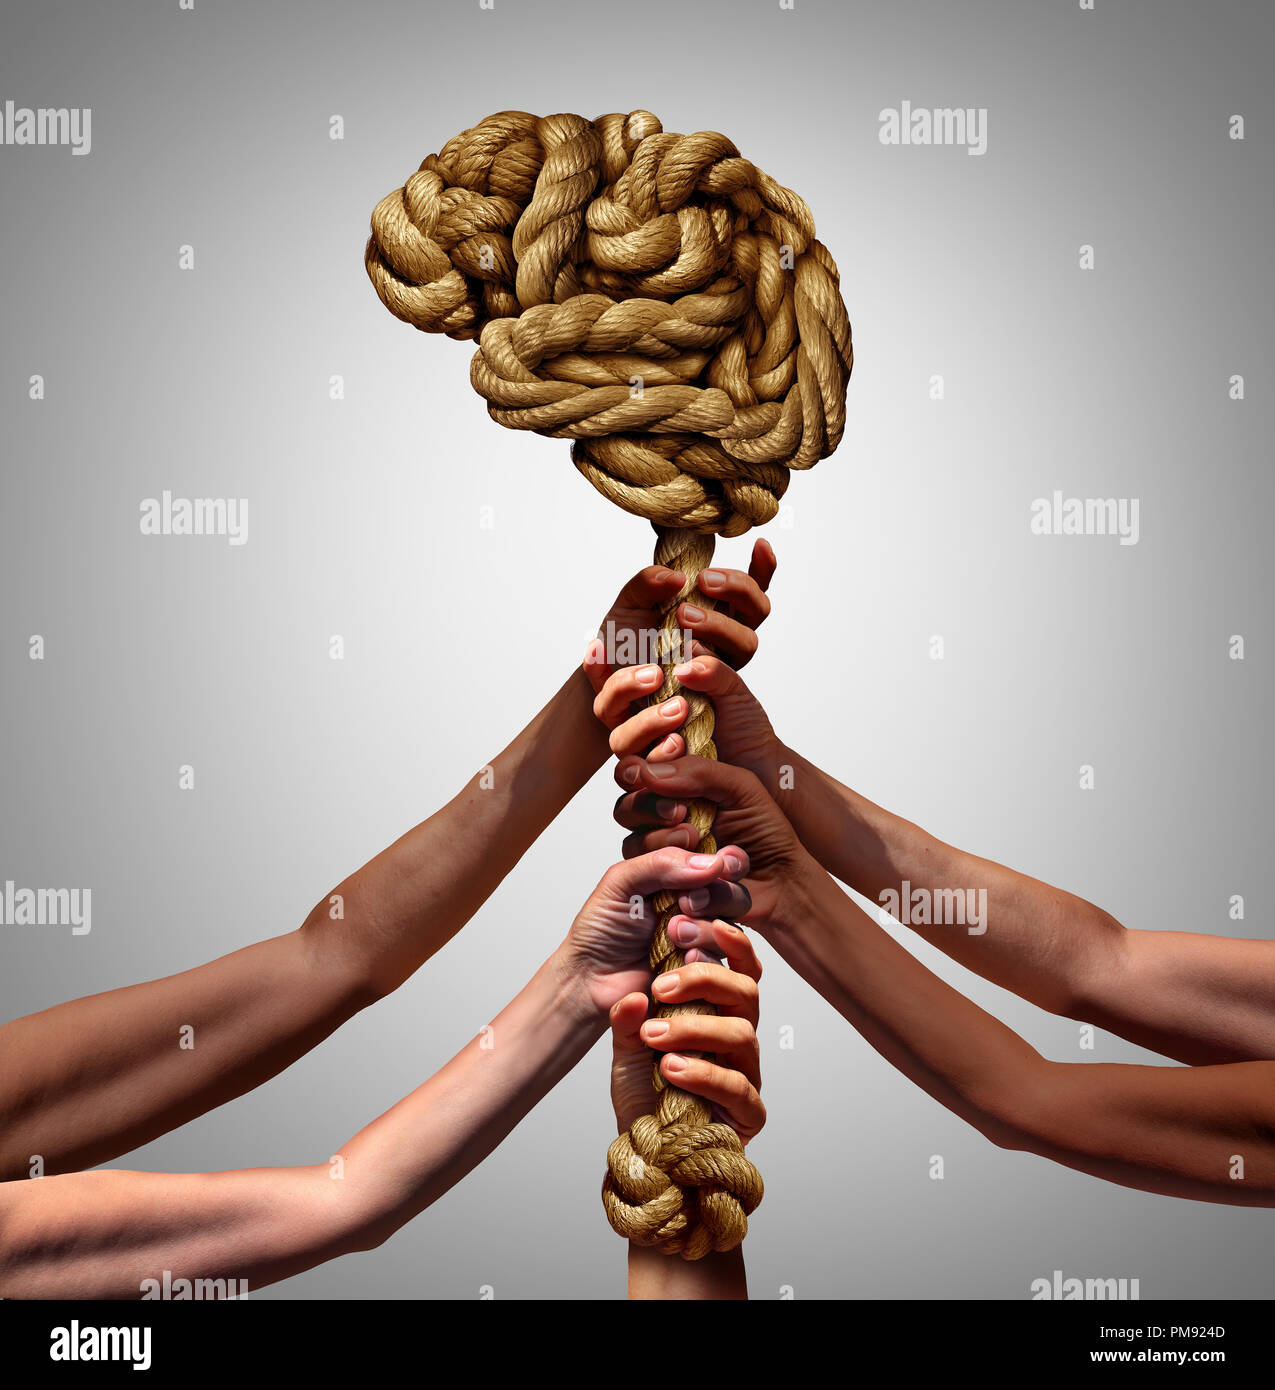 Psychologie und Gesellschaft Gruppe der psychischen Gesundheit Unterstützung Konzept, wie unterschiedliche Menschen, bei dem ein Seil als denkendes Organ geformt Stockbild